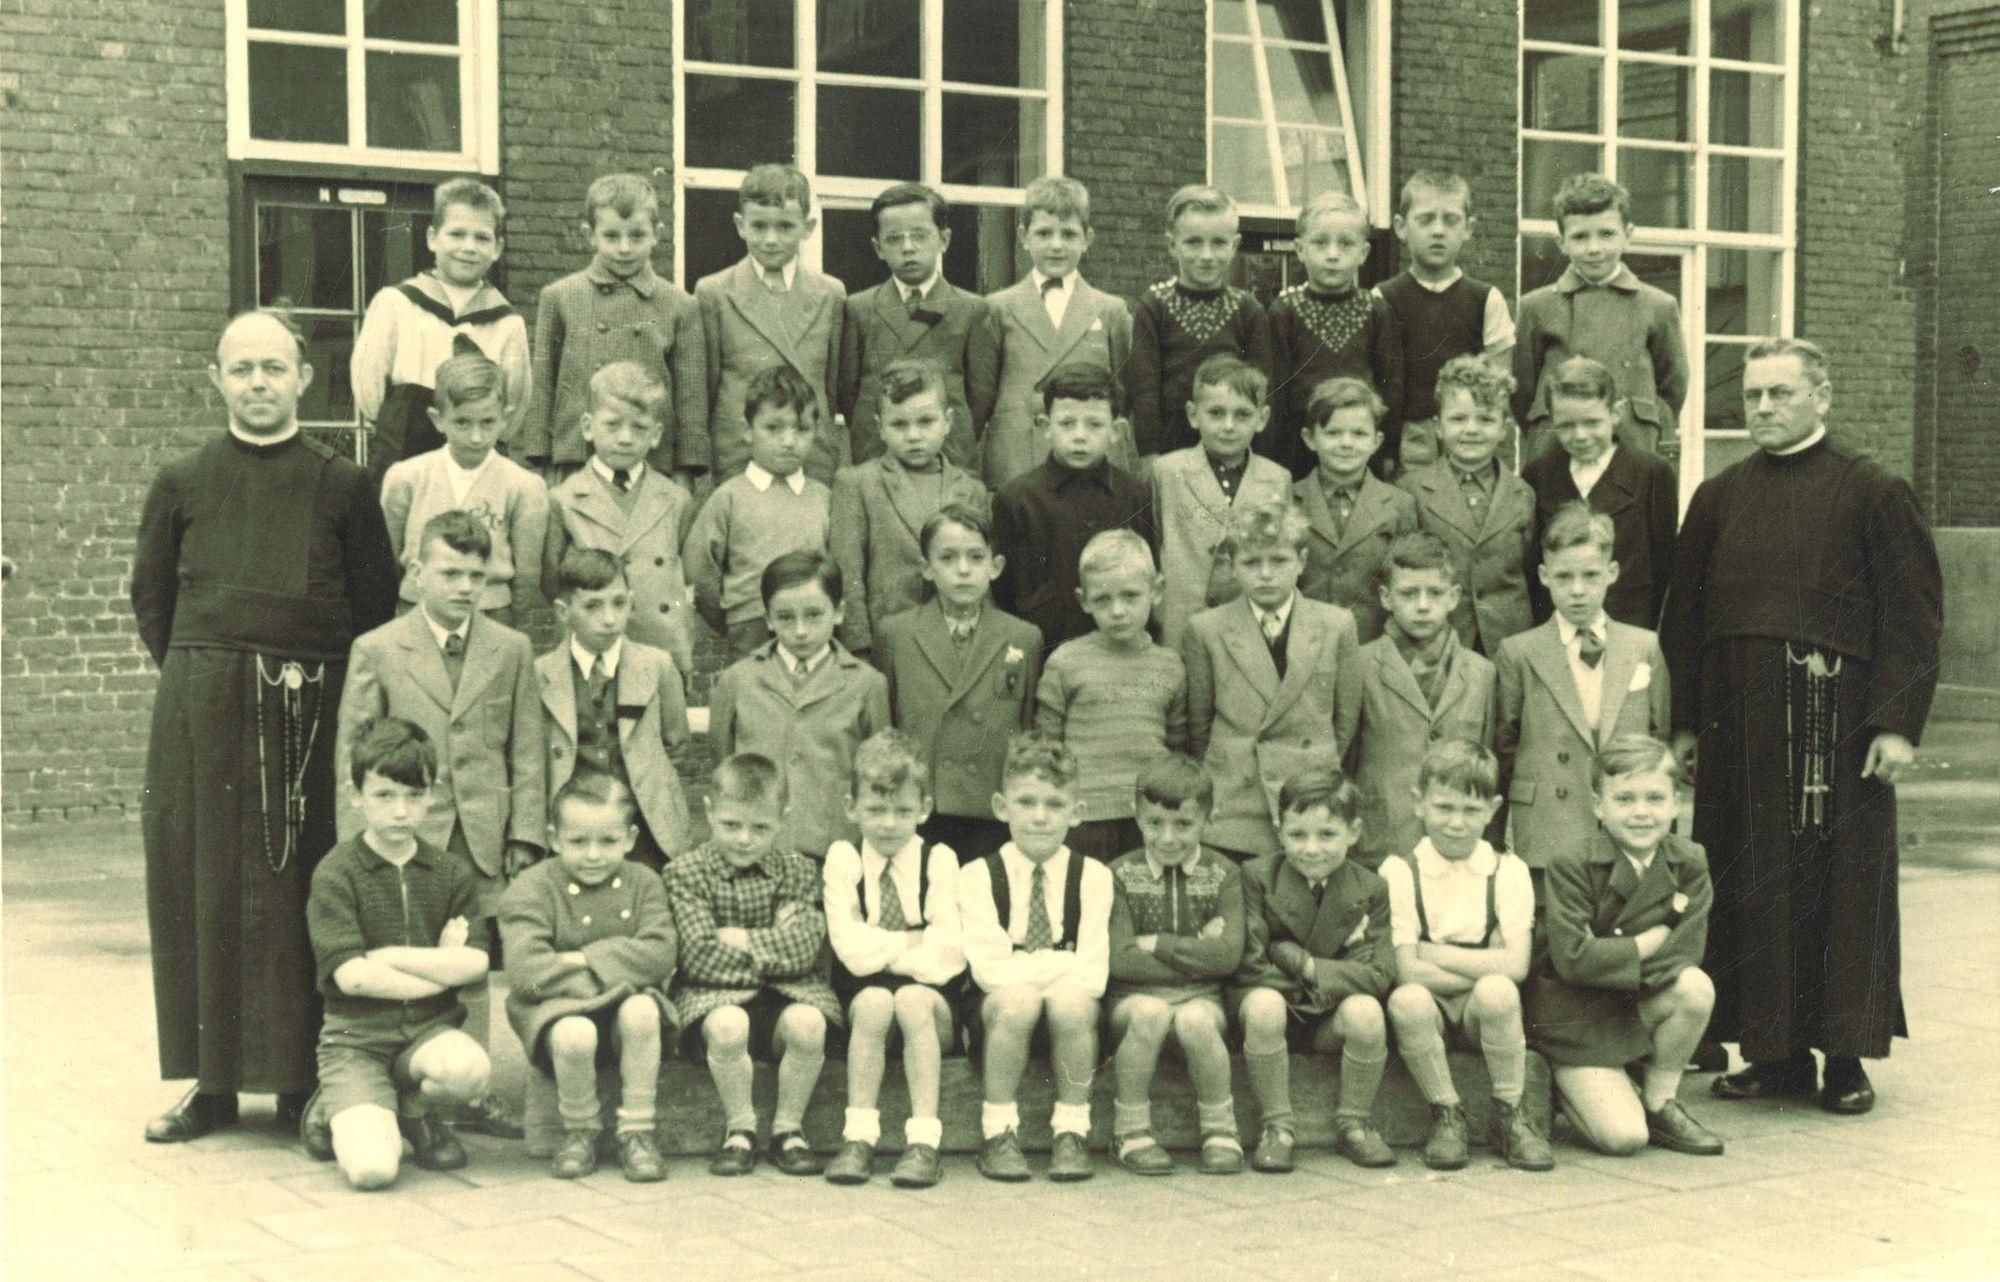 Klasfoto eerste leerjaar 1953-54  Broederschool Overleie